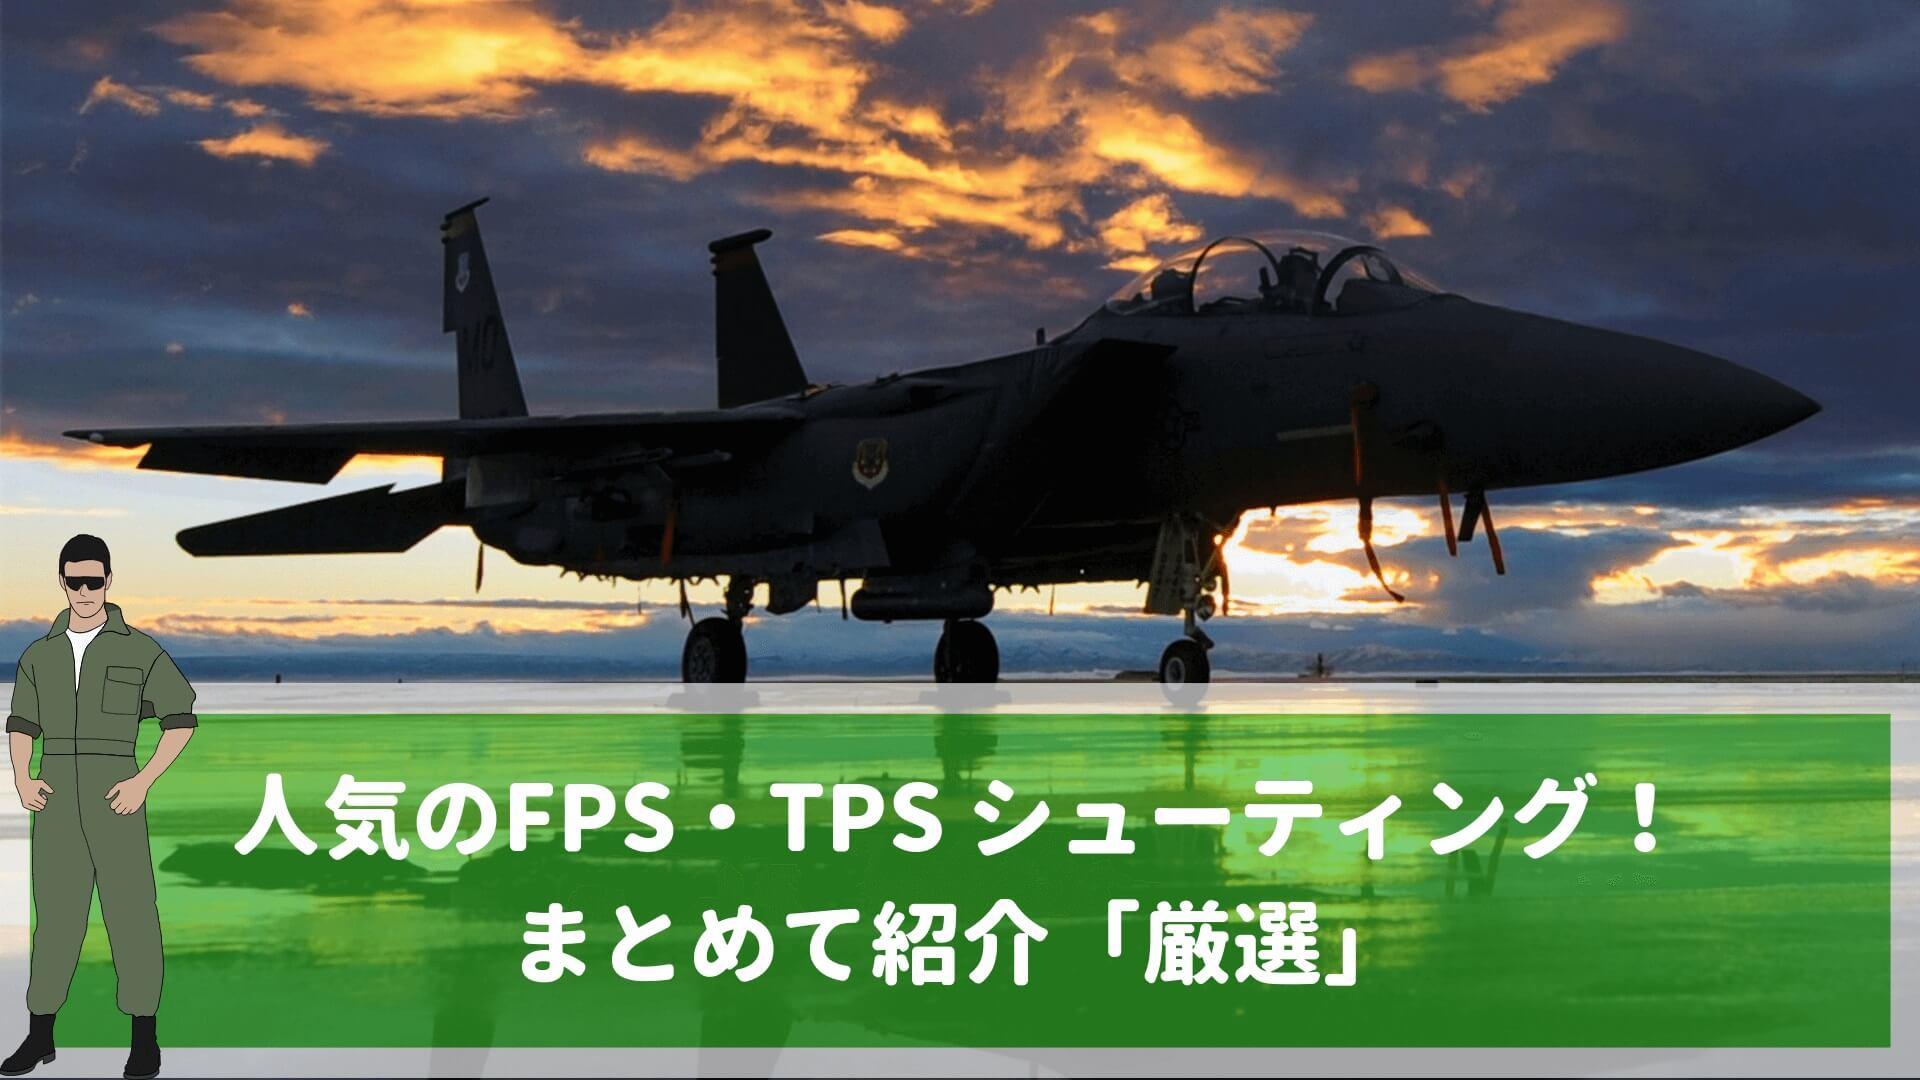 人気のFPS・TPS-シューティング!おすすめのゲームアプリ